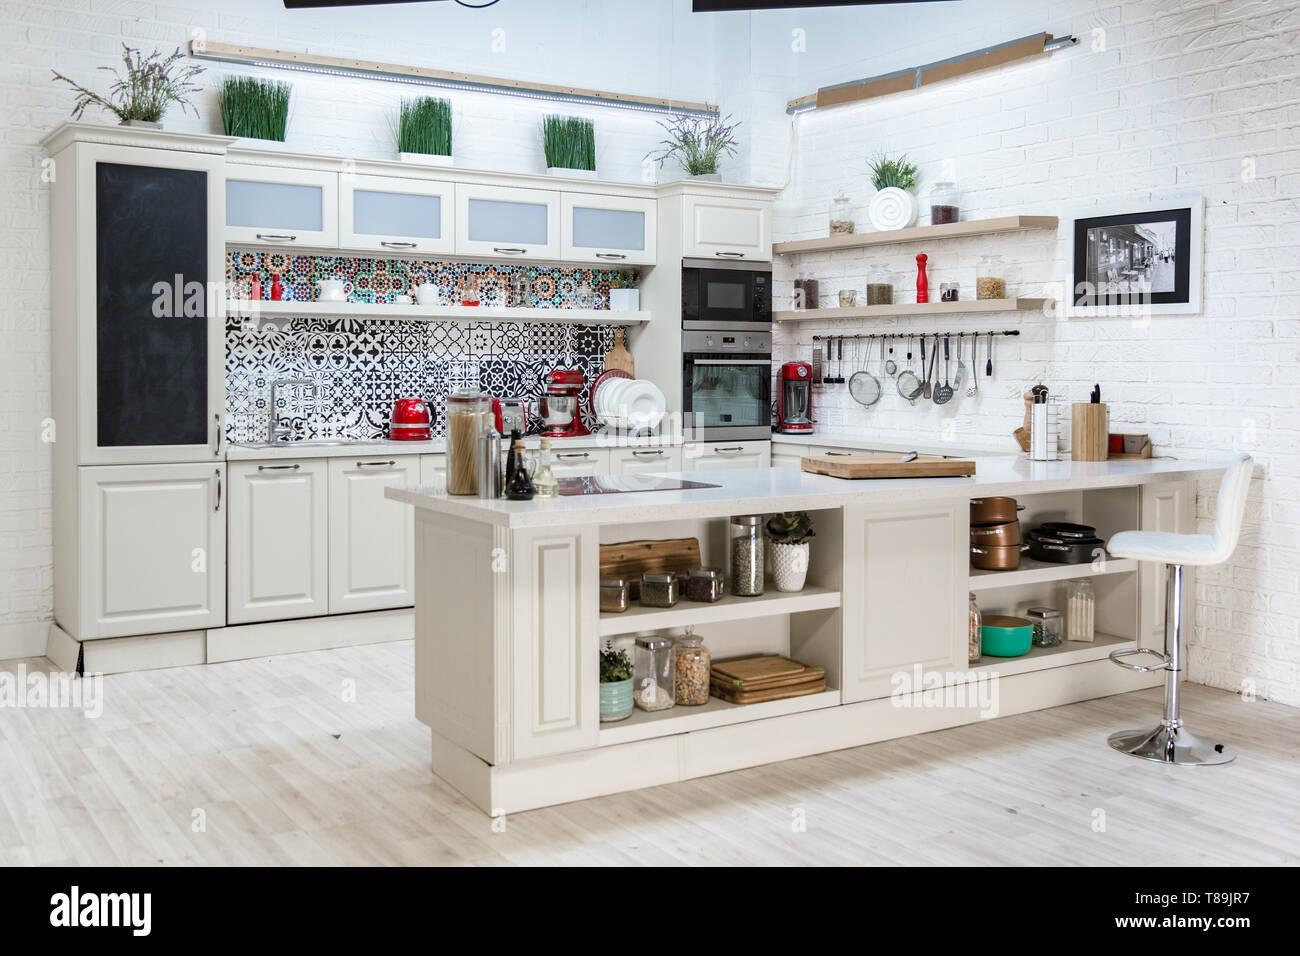 Cucine Stile Classico Moderno   Cucine In Muratura Stile Moderno